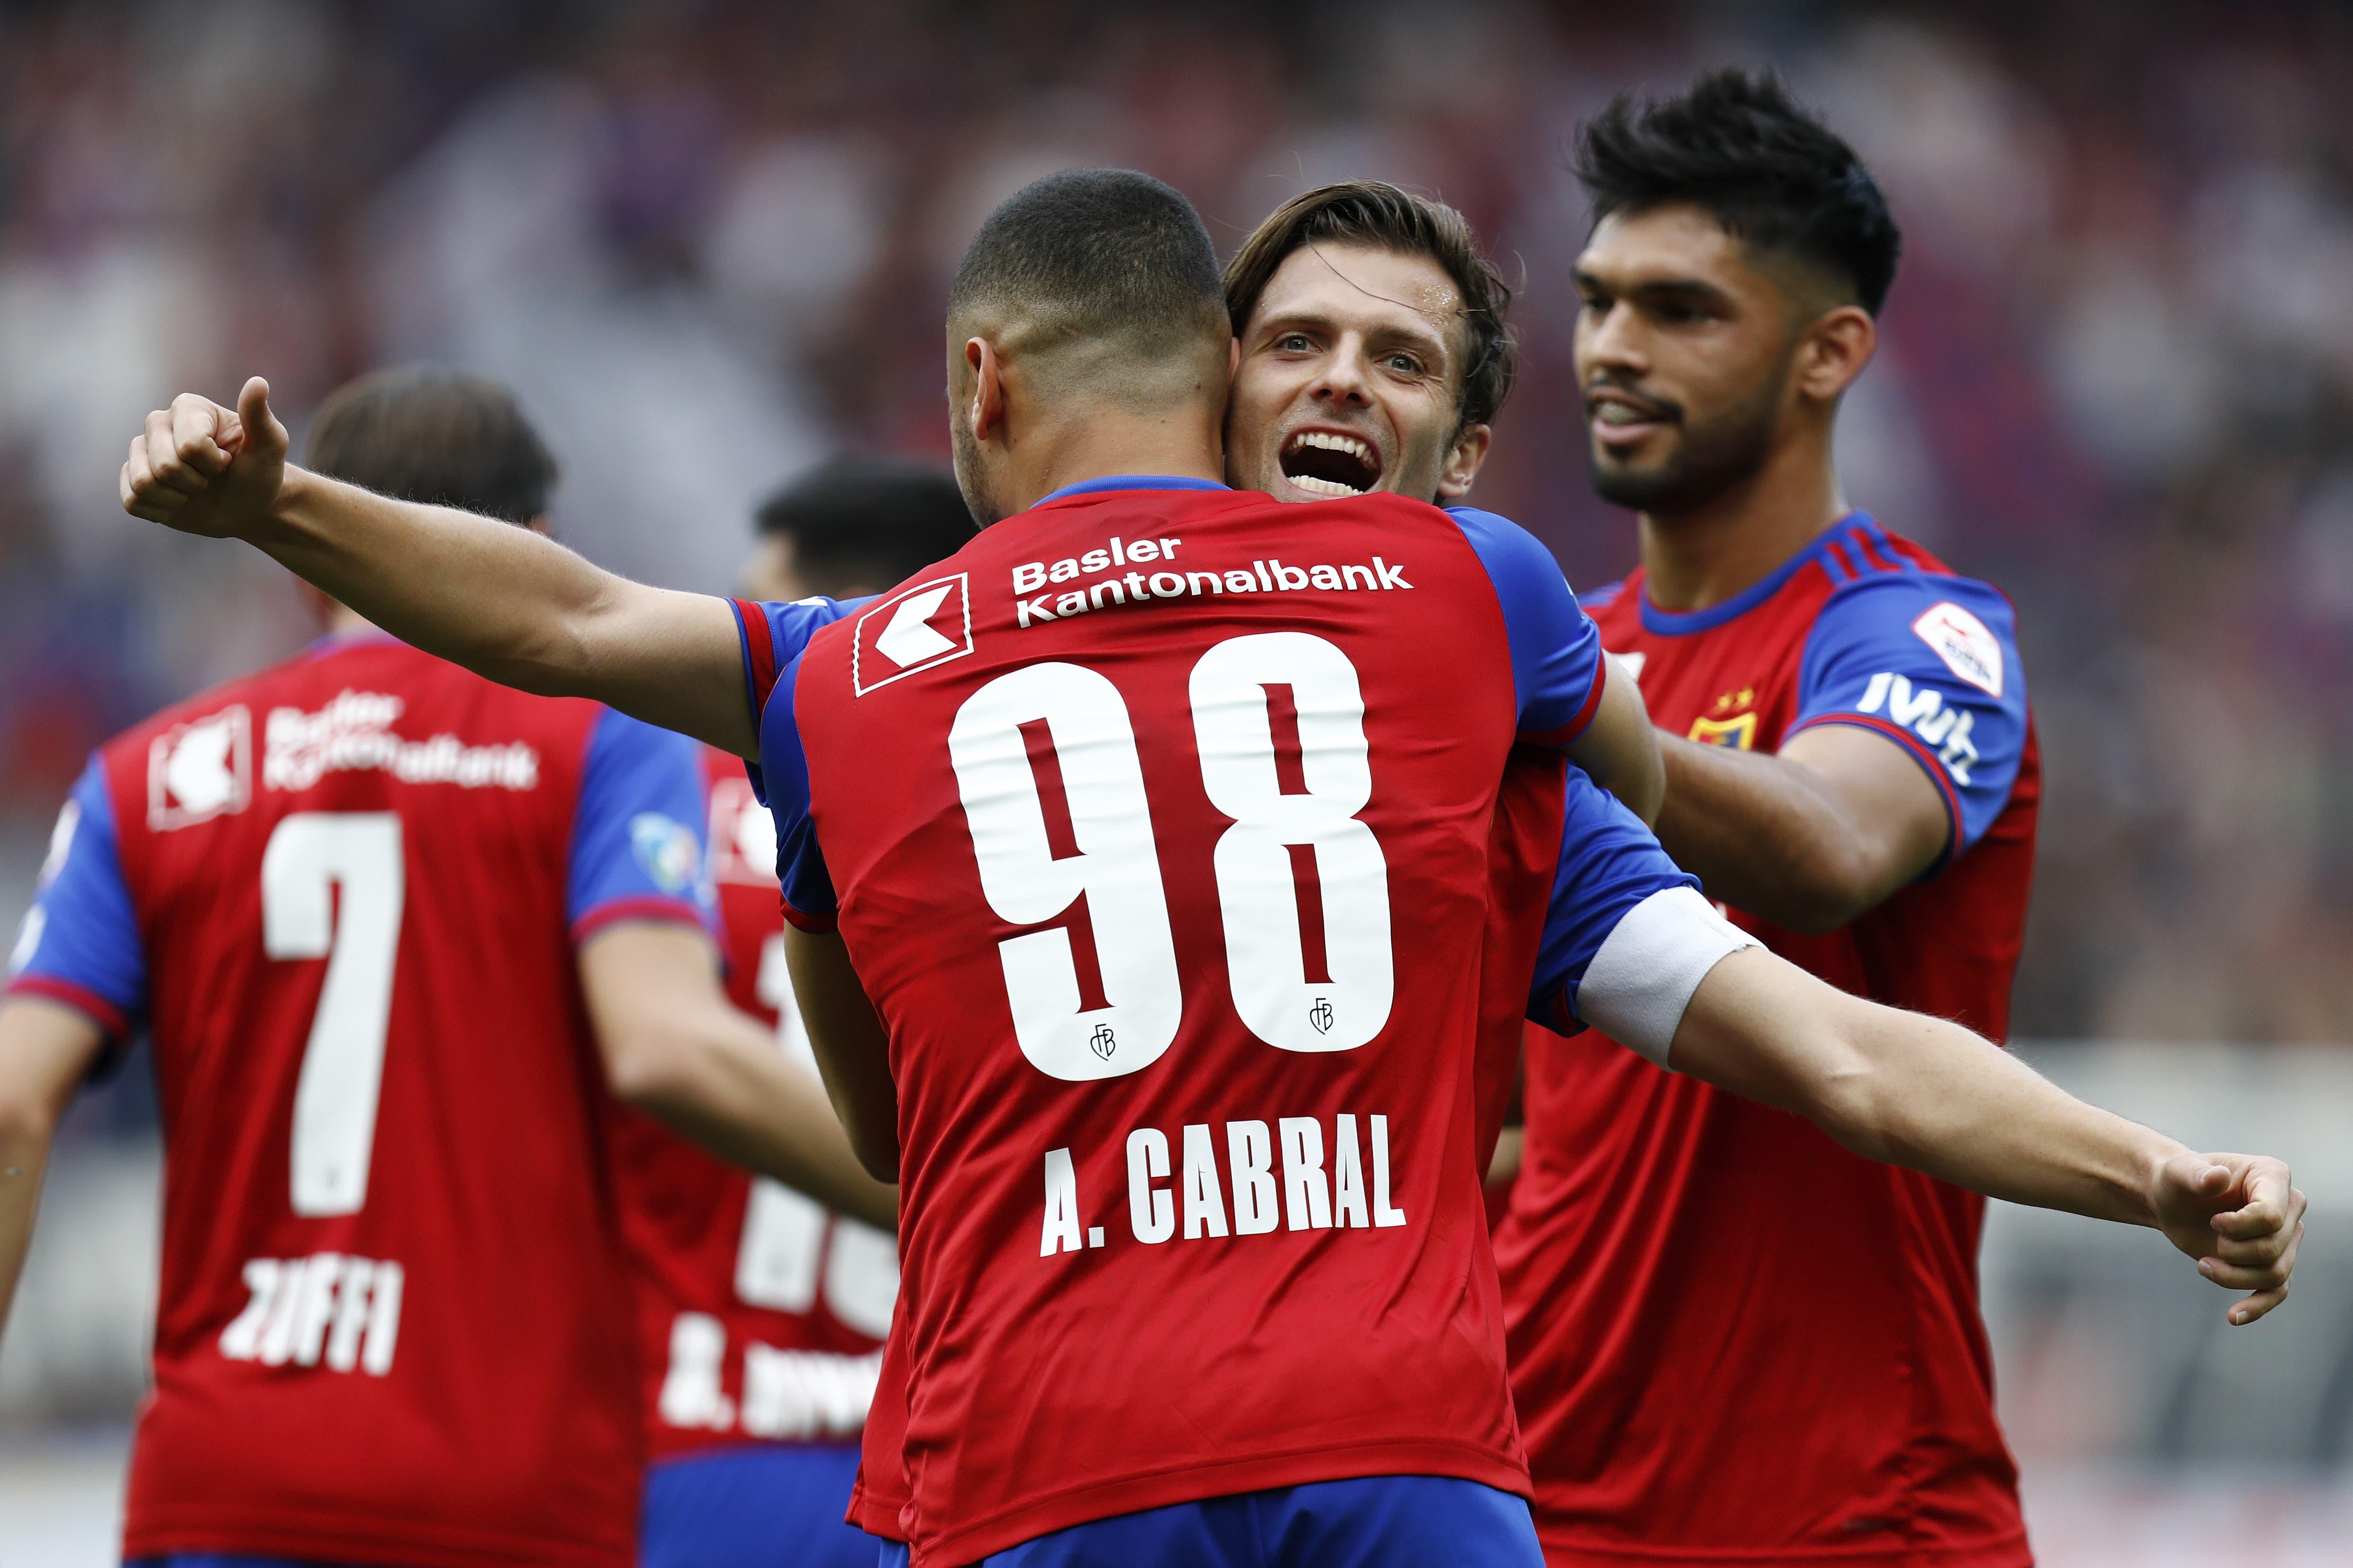 Basels Arthur Cabral jubelt nach seinem Tor zum 2:0 mit Teamkollege Valentin Stocker. (Bild: KEYSTONE/Peter Klaunzer)